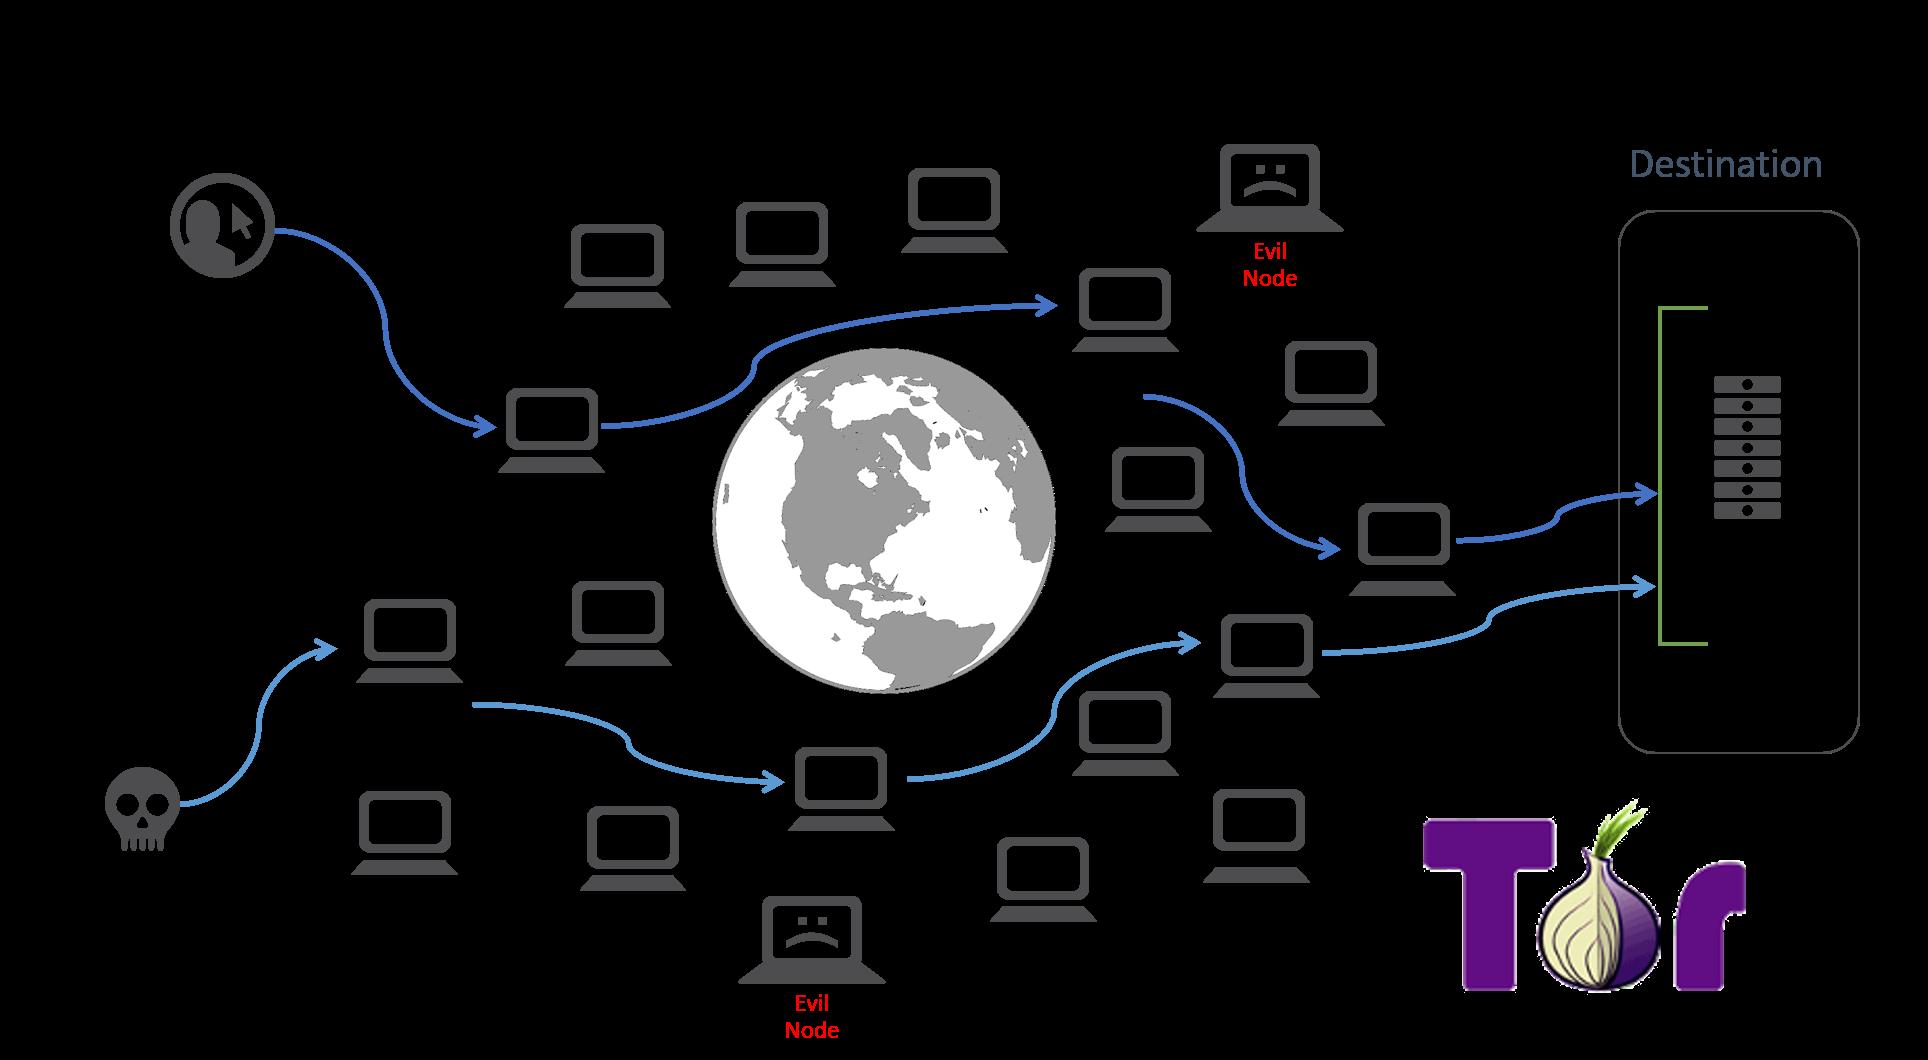 تور چگونه از شما در برابر شبکه تور محافظت میکند